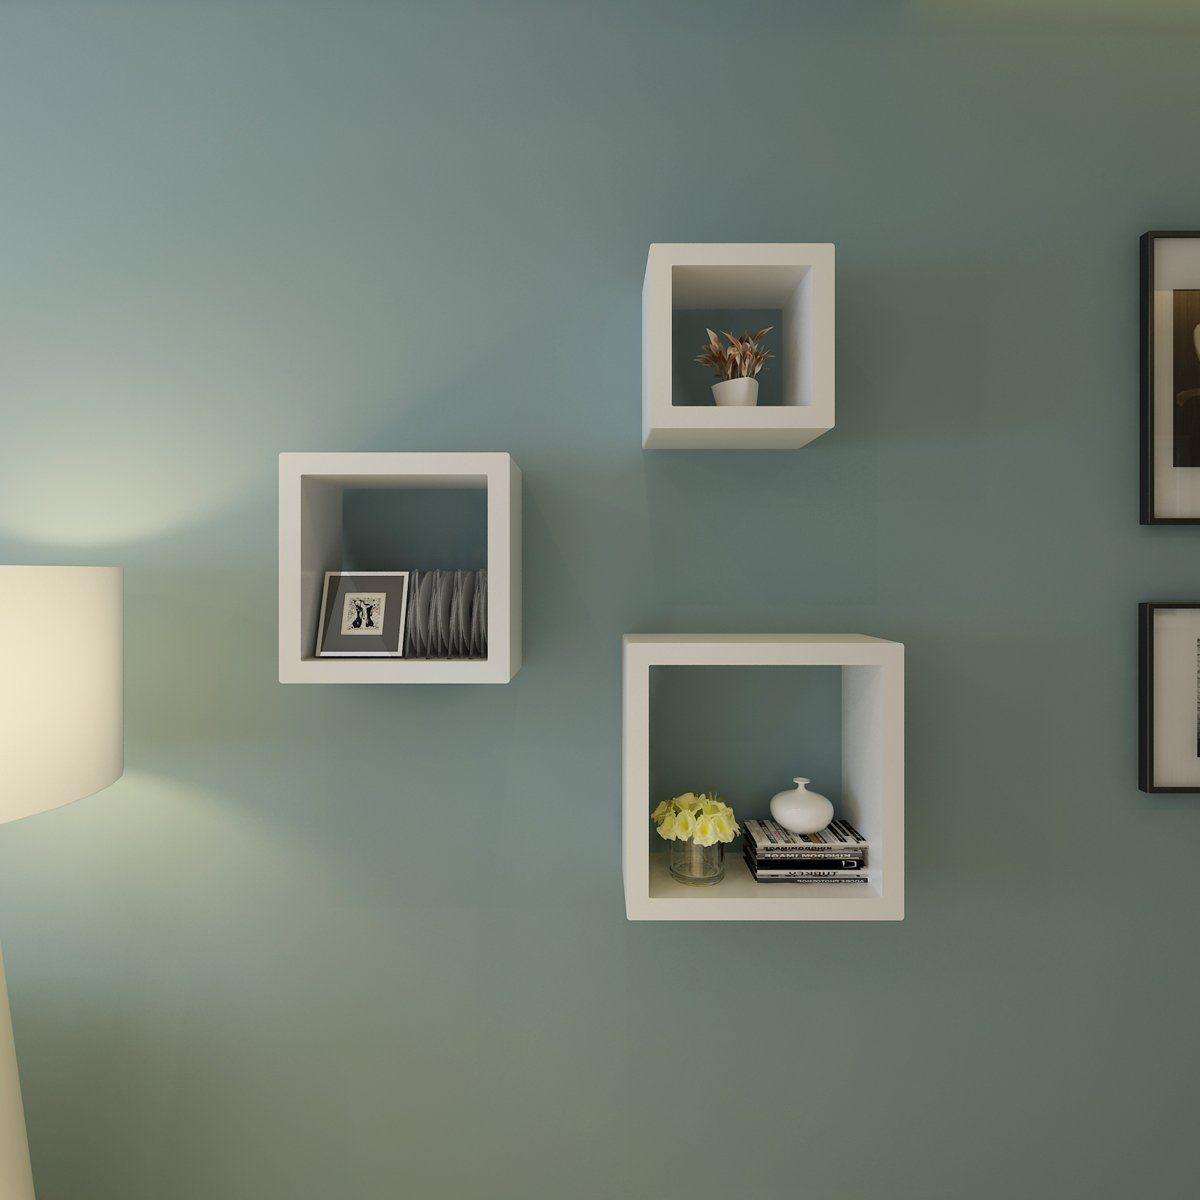 etag res design murale 3 cubes blanc mdf 23 x 23 x 10 cm cuisine maison d co. Black Bedroom Furniture Sets. Home Design Ideas